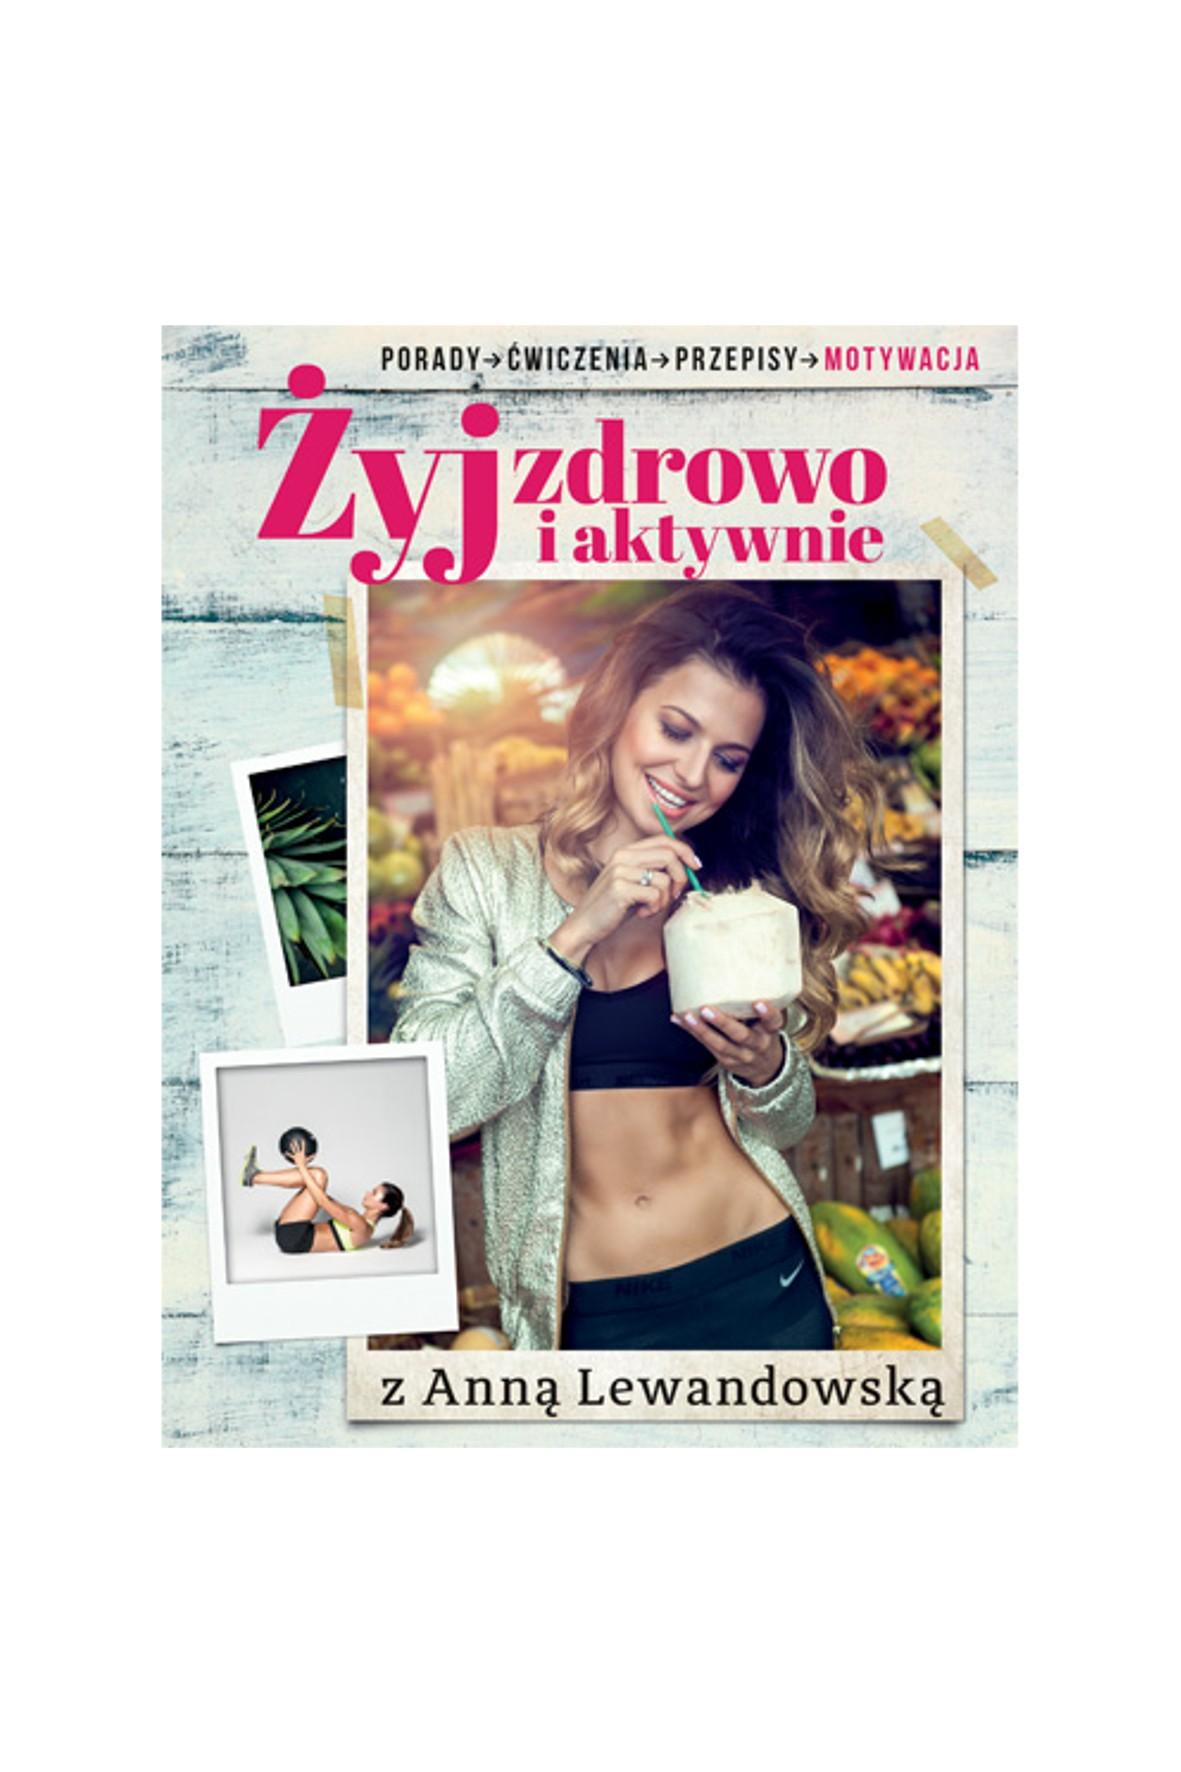 """""""Żyj zdrowo i aktywnie z Anną Lewandowską""""-porady, ćwiczenia, przepisy"""